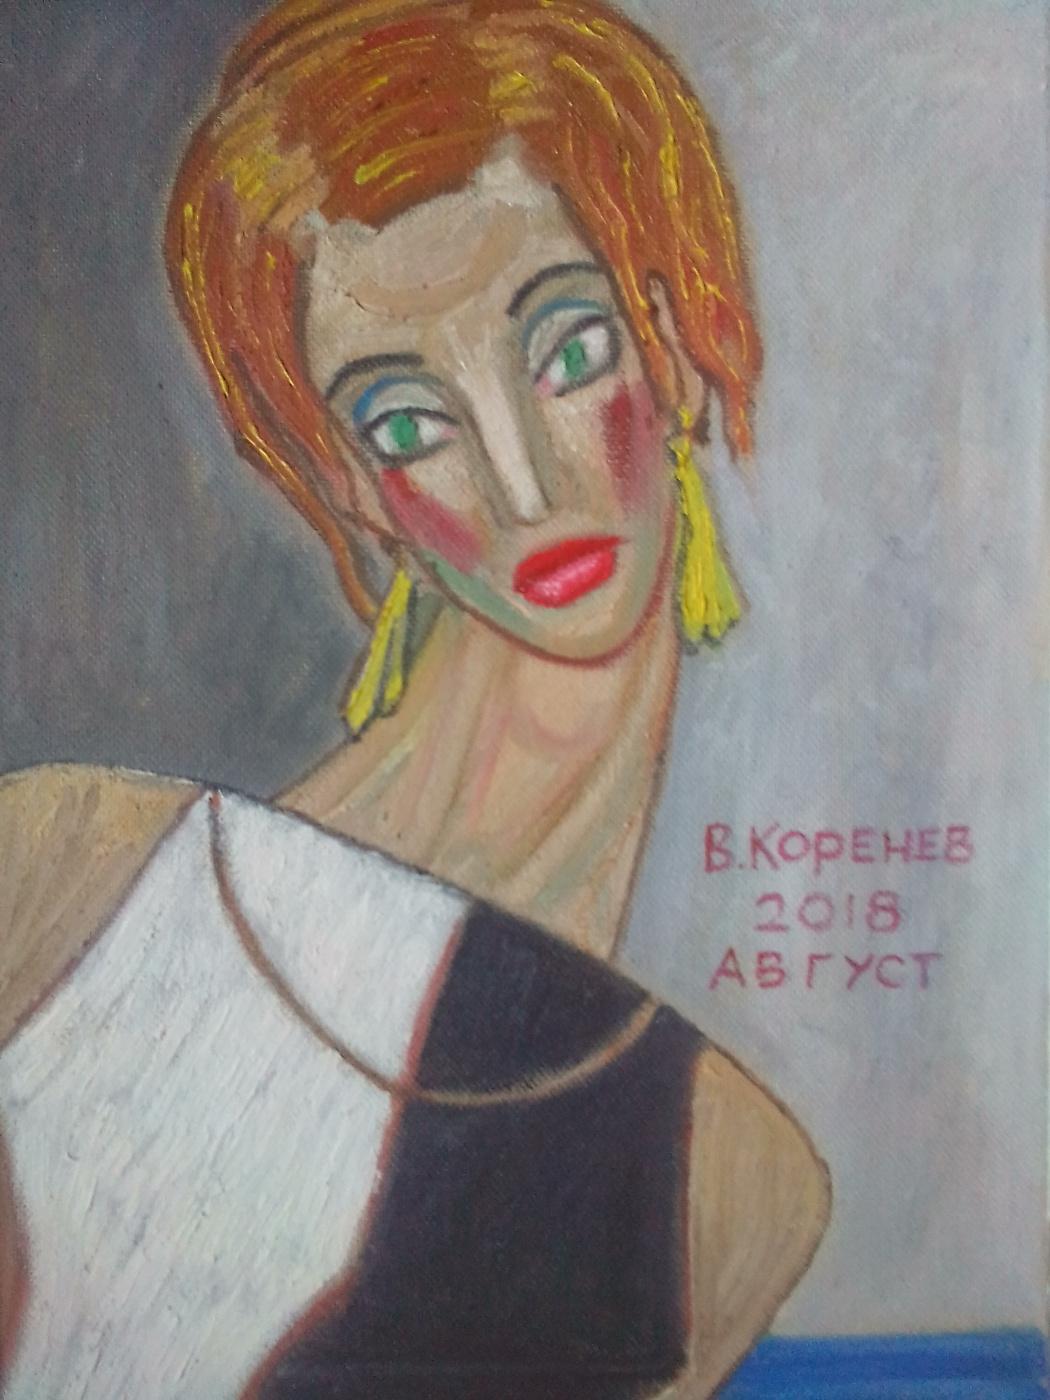 Вячеслав Коренев. August 2018